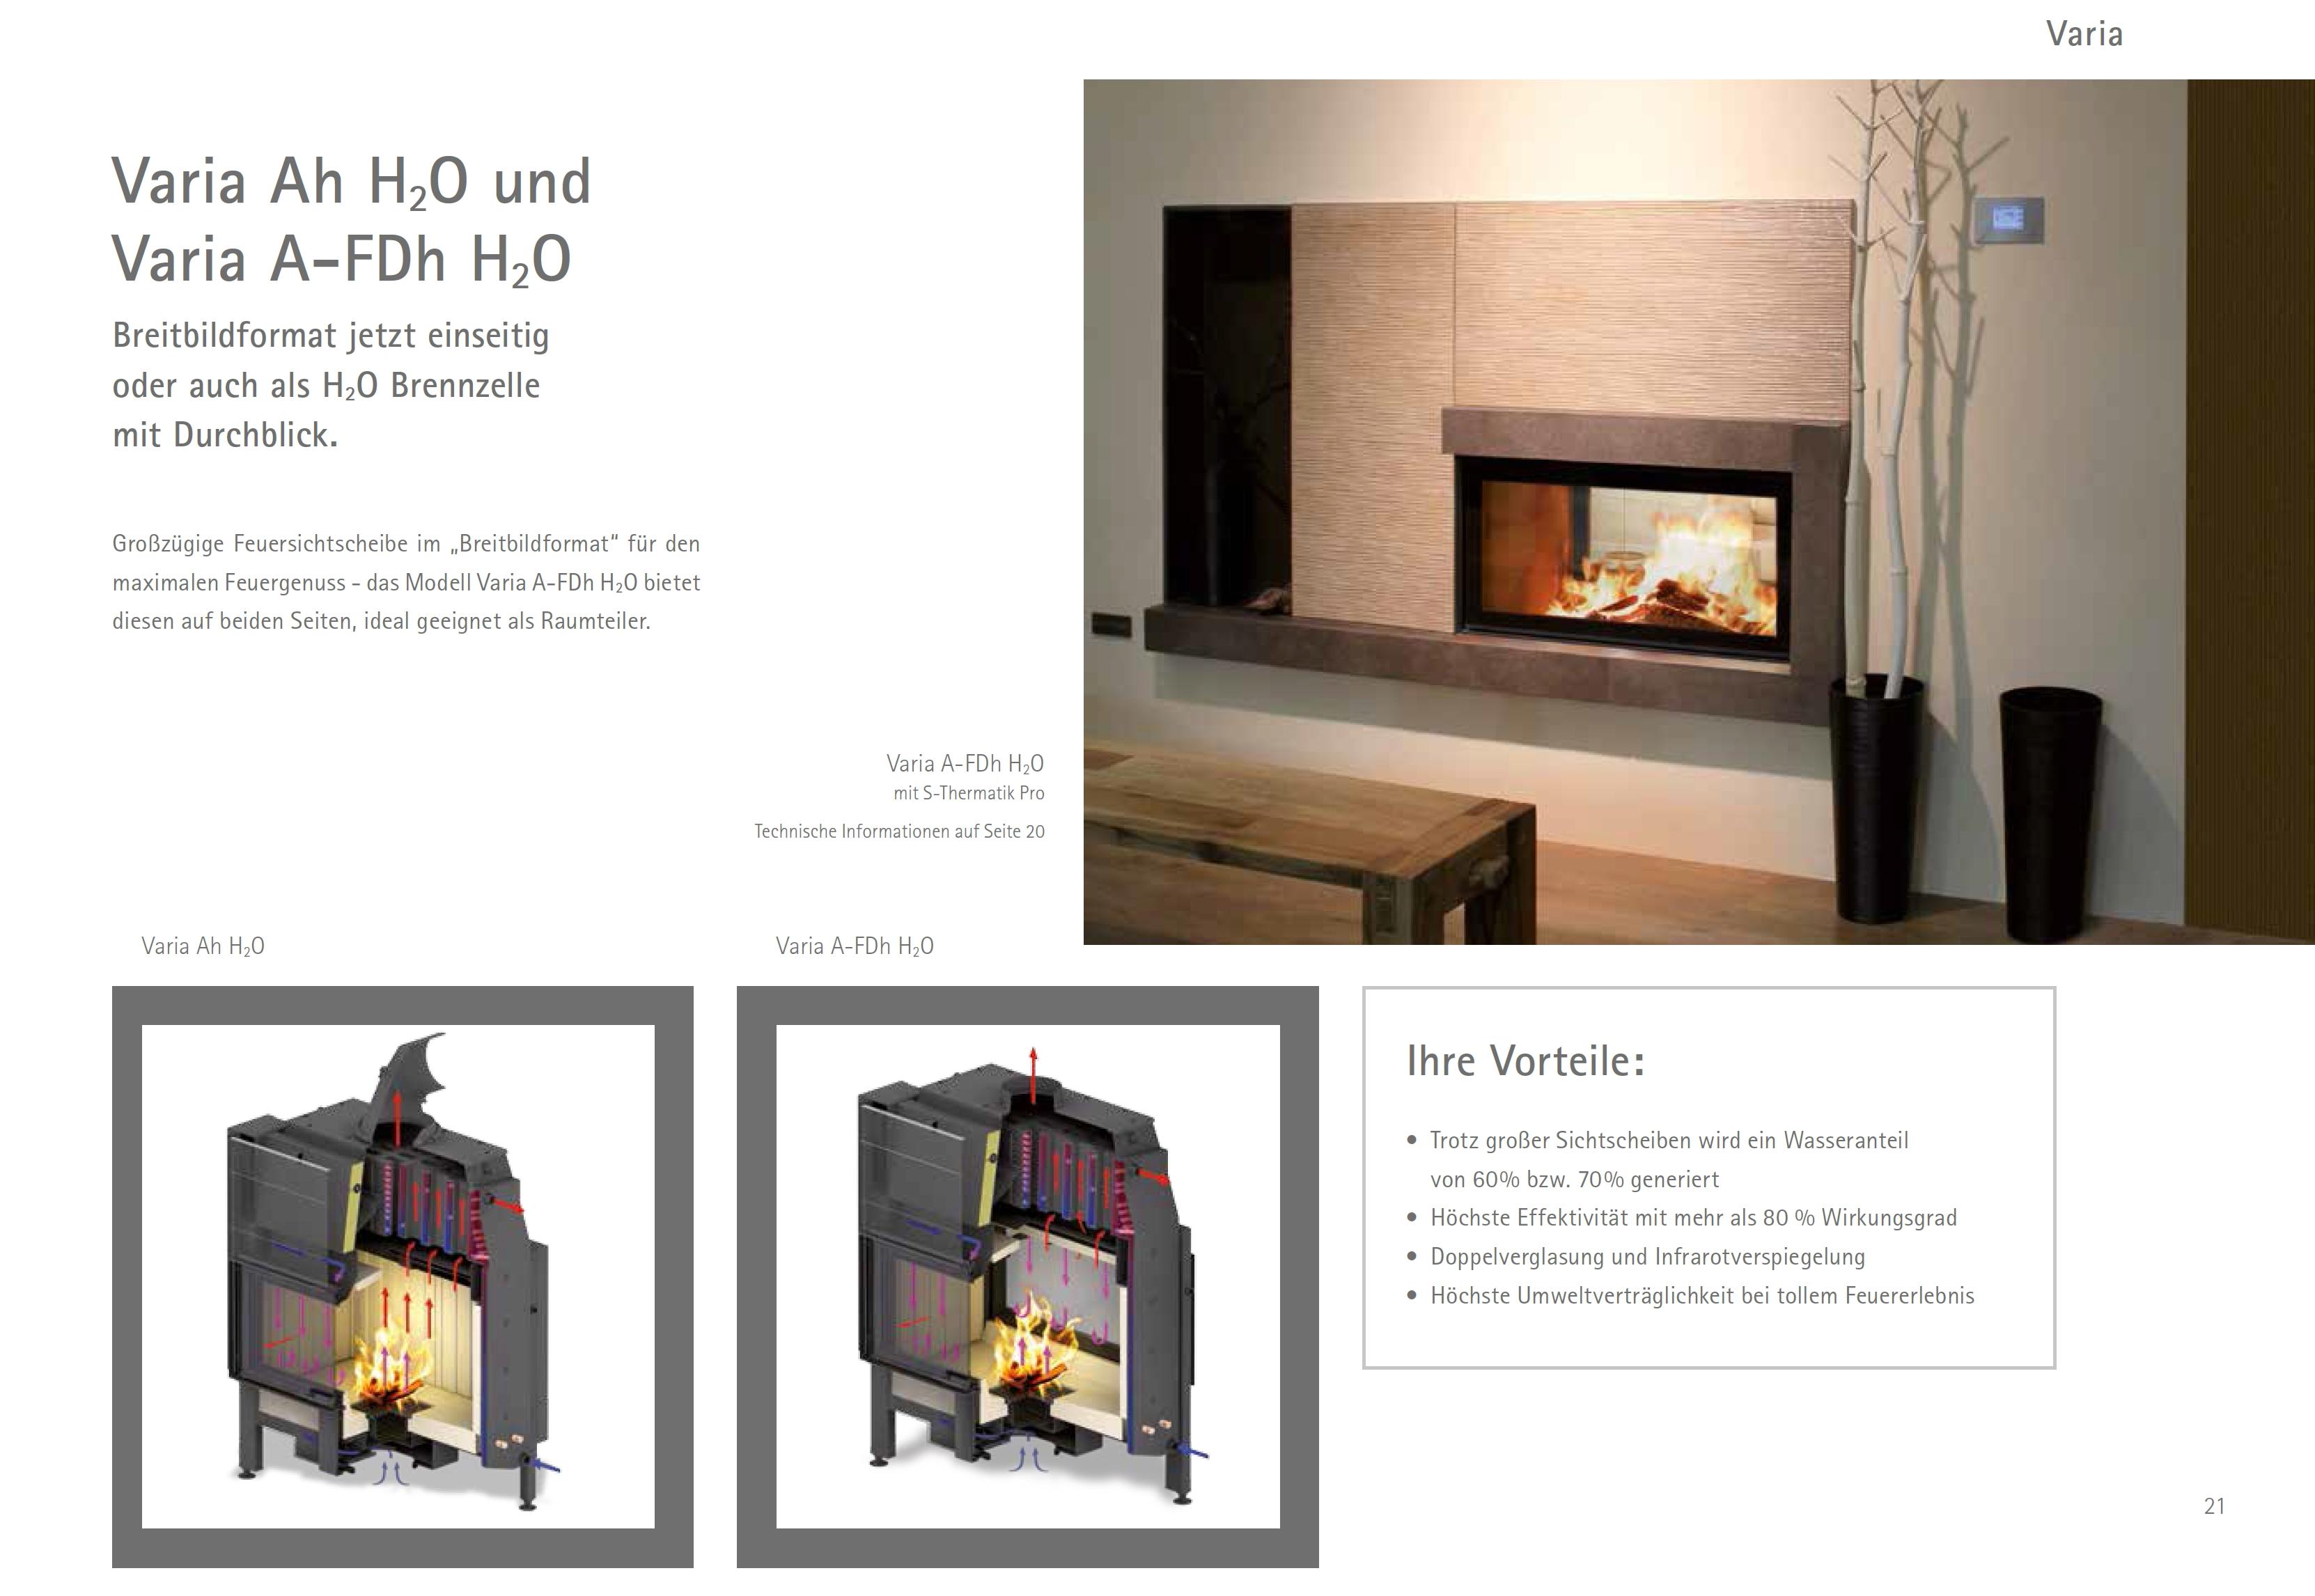 offene kamine selber bauen interesting offene kamine selber bauen with offene kamine selber. Black Bedroom Furniture Sets. Home Design Ideas